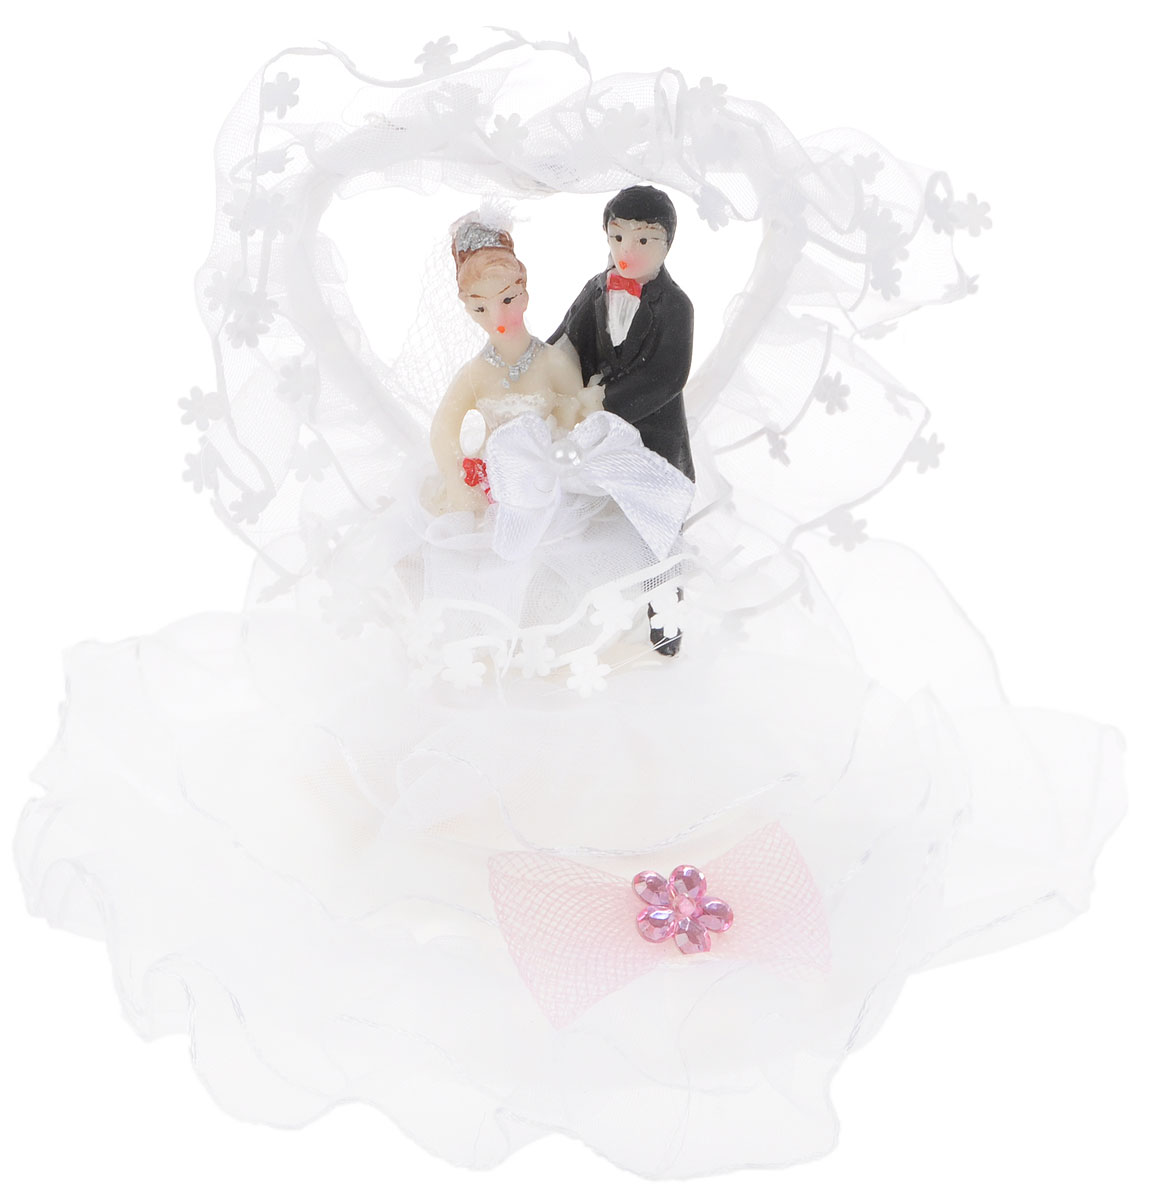 Фигурка декоративная Win Max Жених и невеста, высота 10 смMB860Декоративная фигурка Win Max Жених и невеста изготовлена из полистоуна и текстиля. Изделие представляет собой круглую подставку с фигурками жениха и невесты, украшенных тесьмой и стразами. Такая фигурка идеально впишется в свадебный интерьер и будет радовать вас своим видом в самый важный день в вашей жизни.Высота фигурки: 10 см.